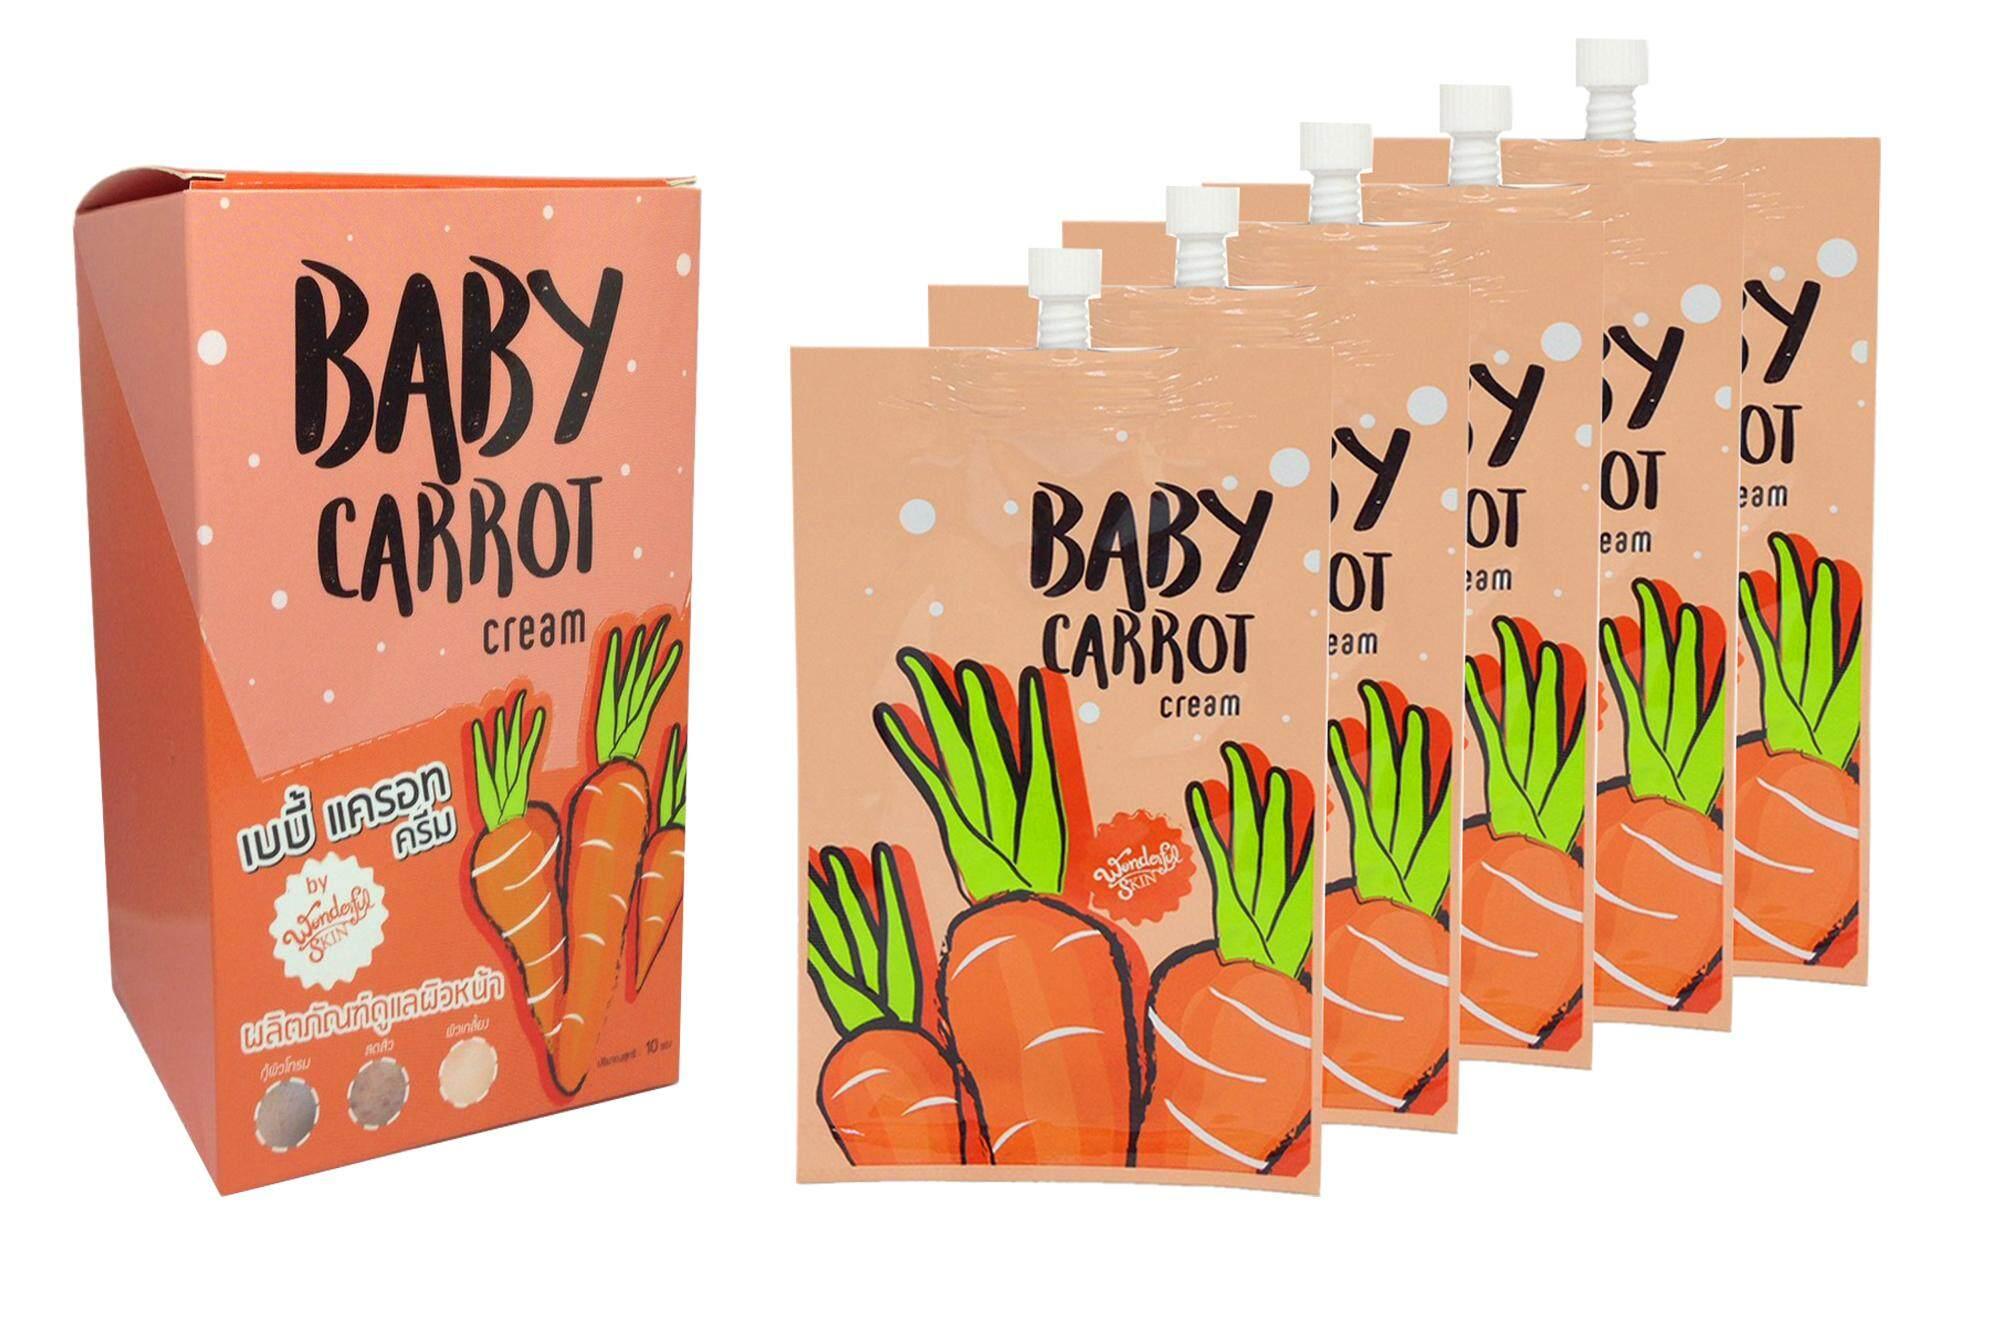 Baby Carrot cream By Wonderful Skin เบบี้แครอทครีม ผลิตภัฒฑ์ดูแลผิวหน้า (5ซอง)